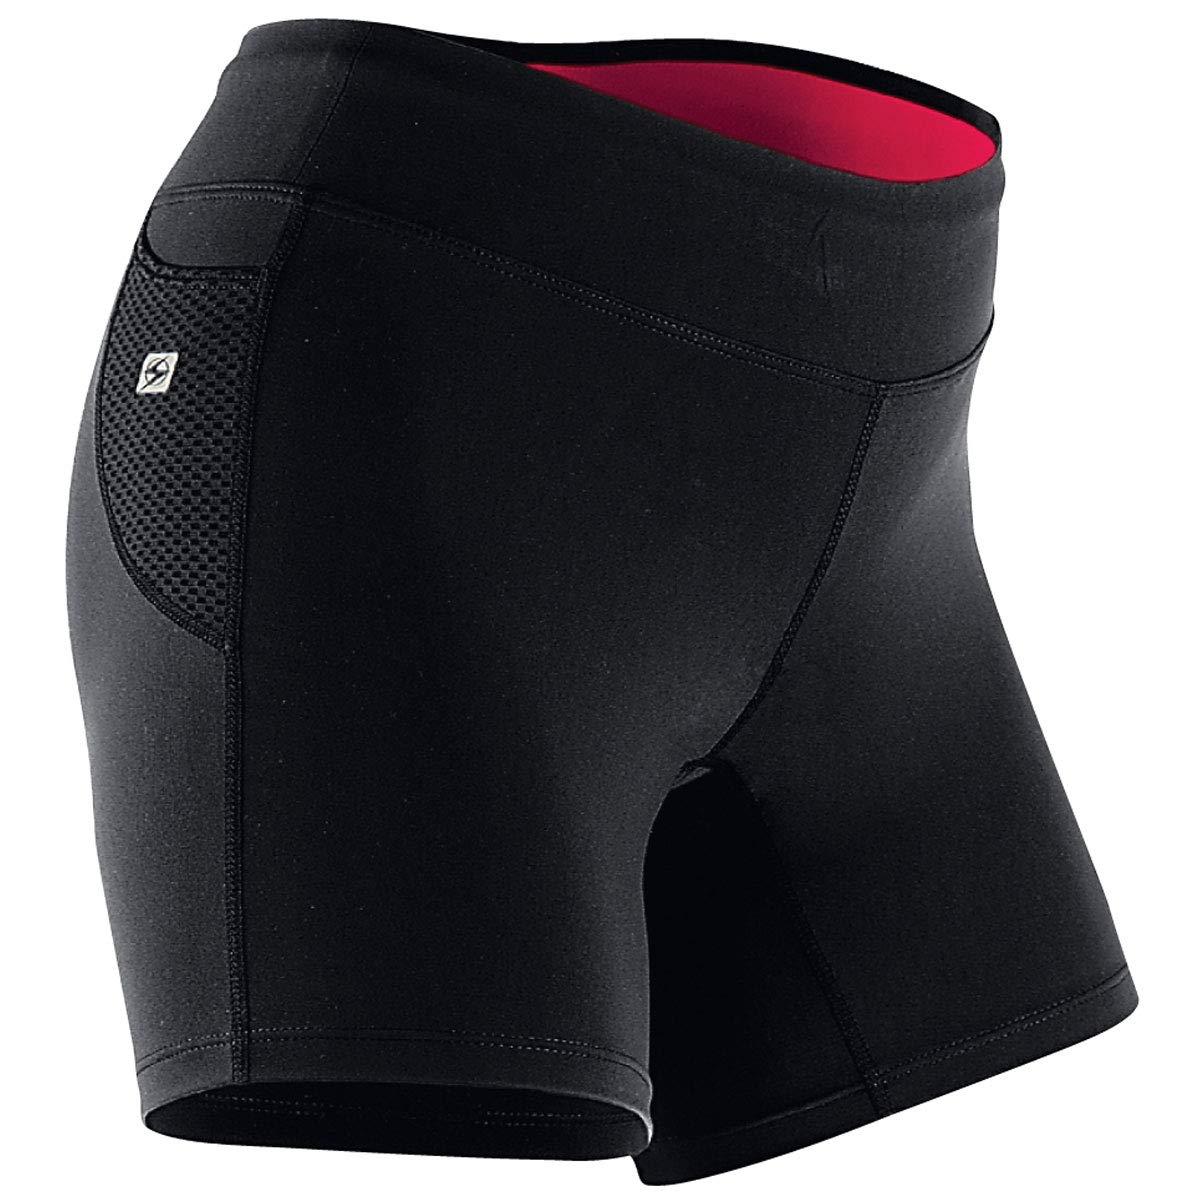 Sugoi LUCKY FIT SHORT Damen | 16011FNCBK Multisport und Running Tight-Fit Short